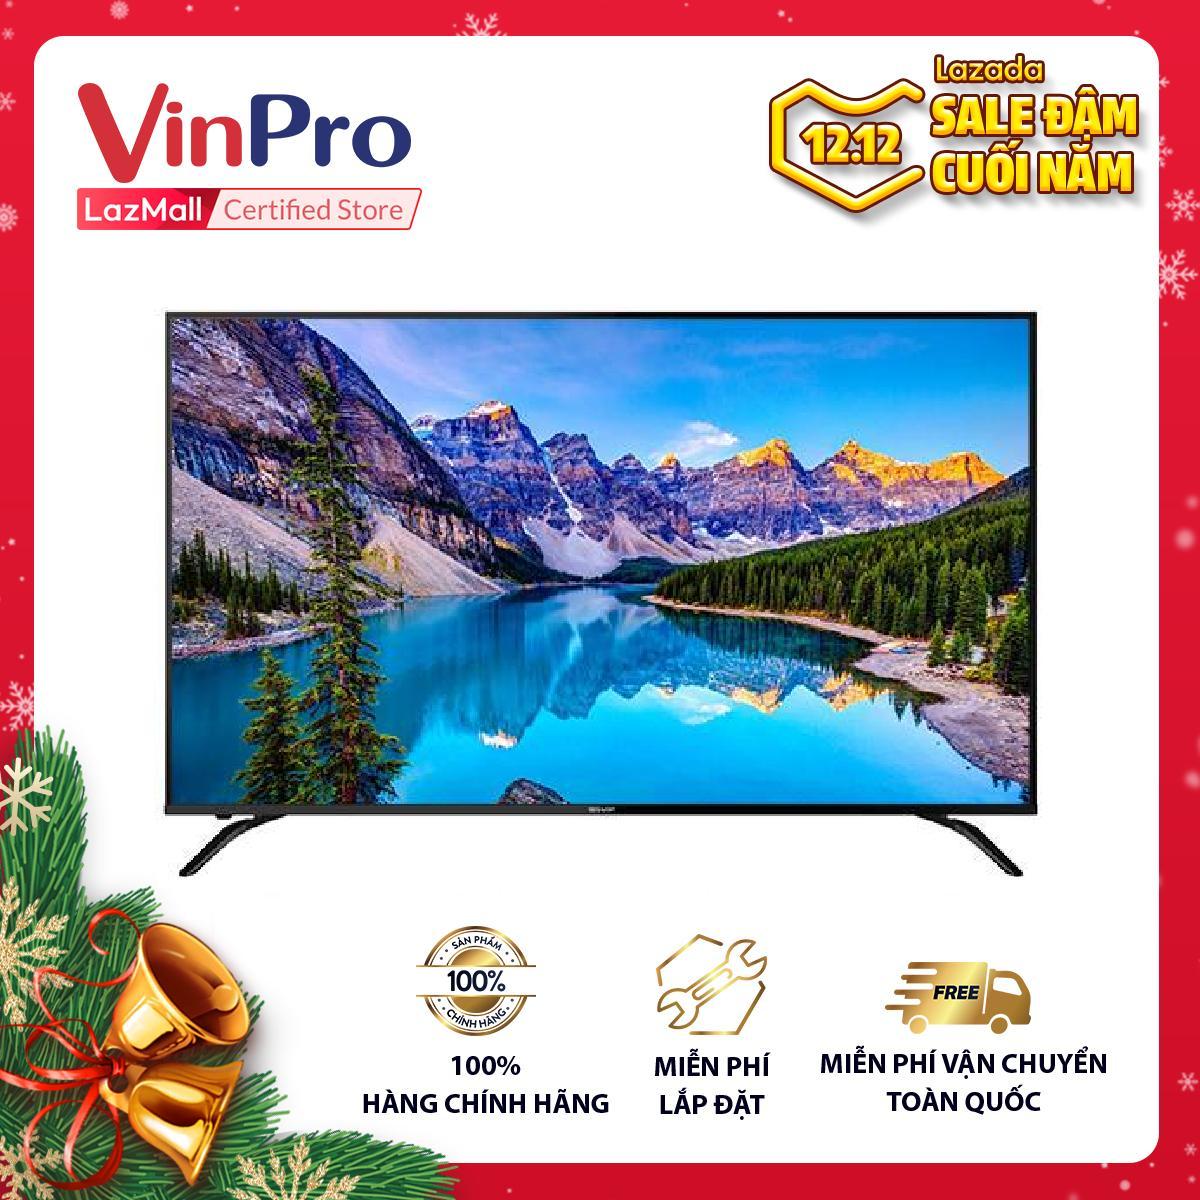 Bảng giá LED Tivi Sharp 4K 70 inch 4T-C70AL1X - Hàng chính hãng - Nâng cao chất lượng hình ảnh với công nghệ X4 Master Engine Pro - Công nghệ Dolby Audio cho âm thanh bùng nổ - Bảo hành chính hãng